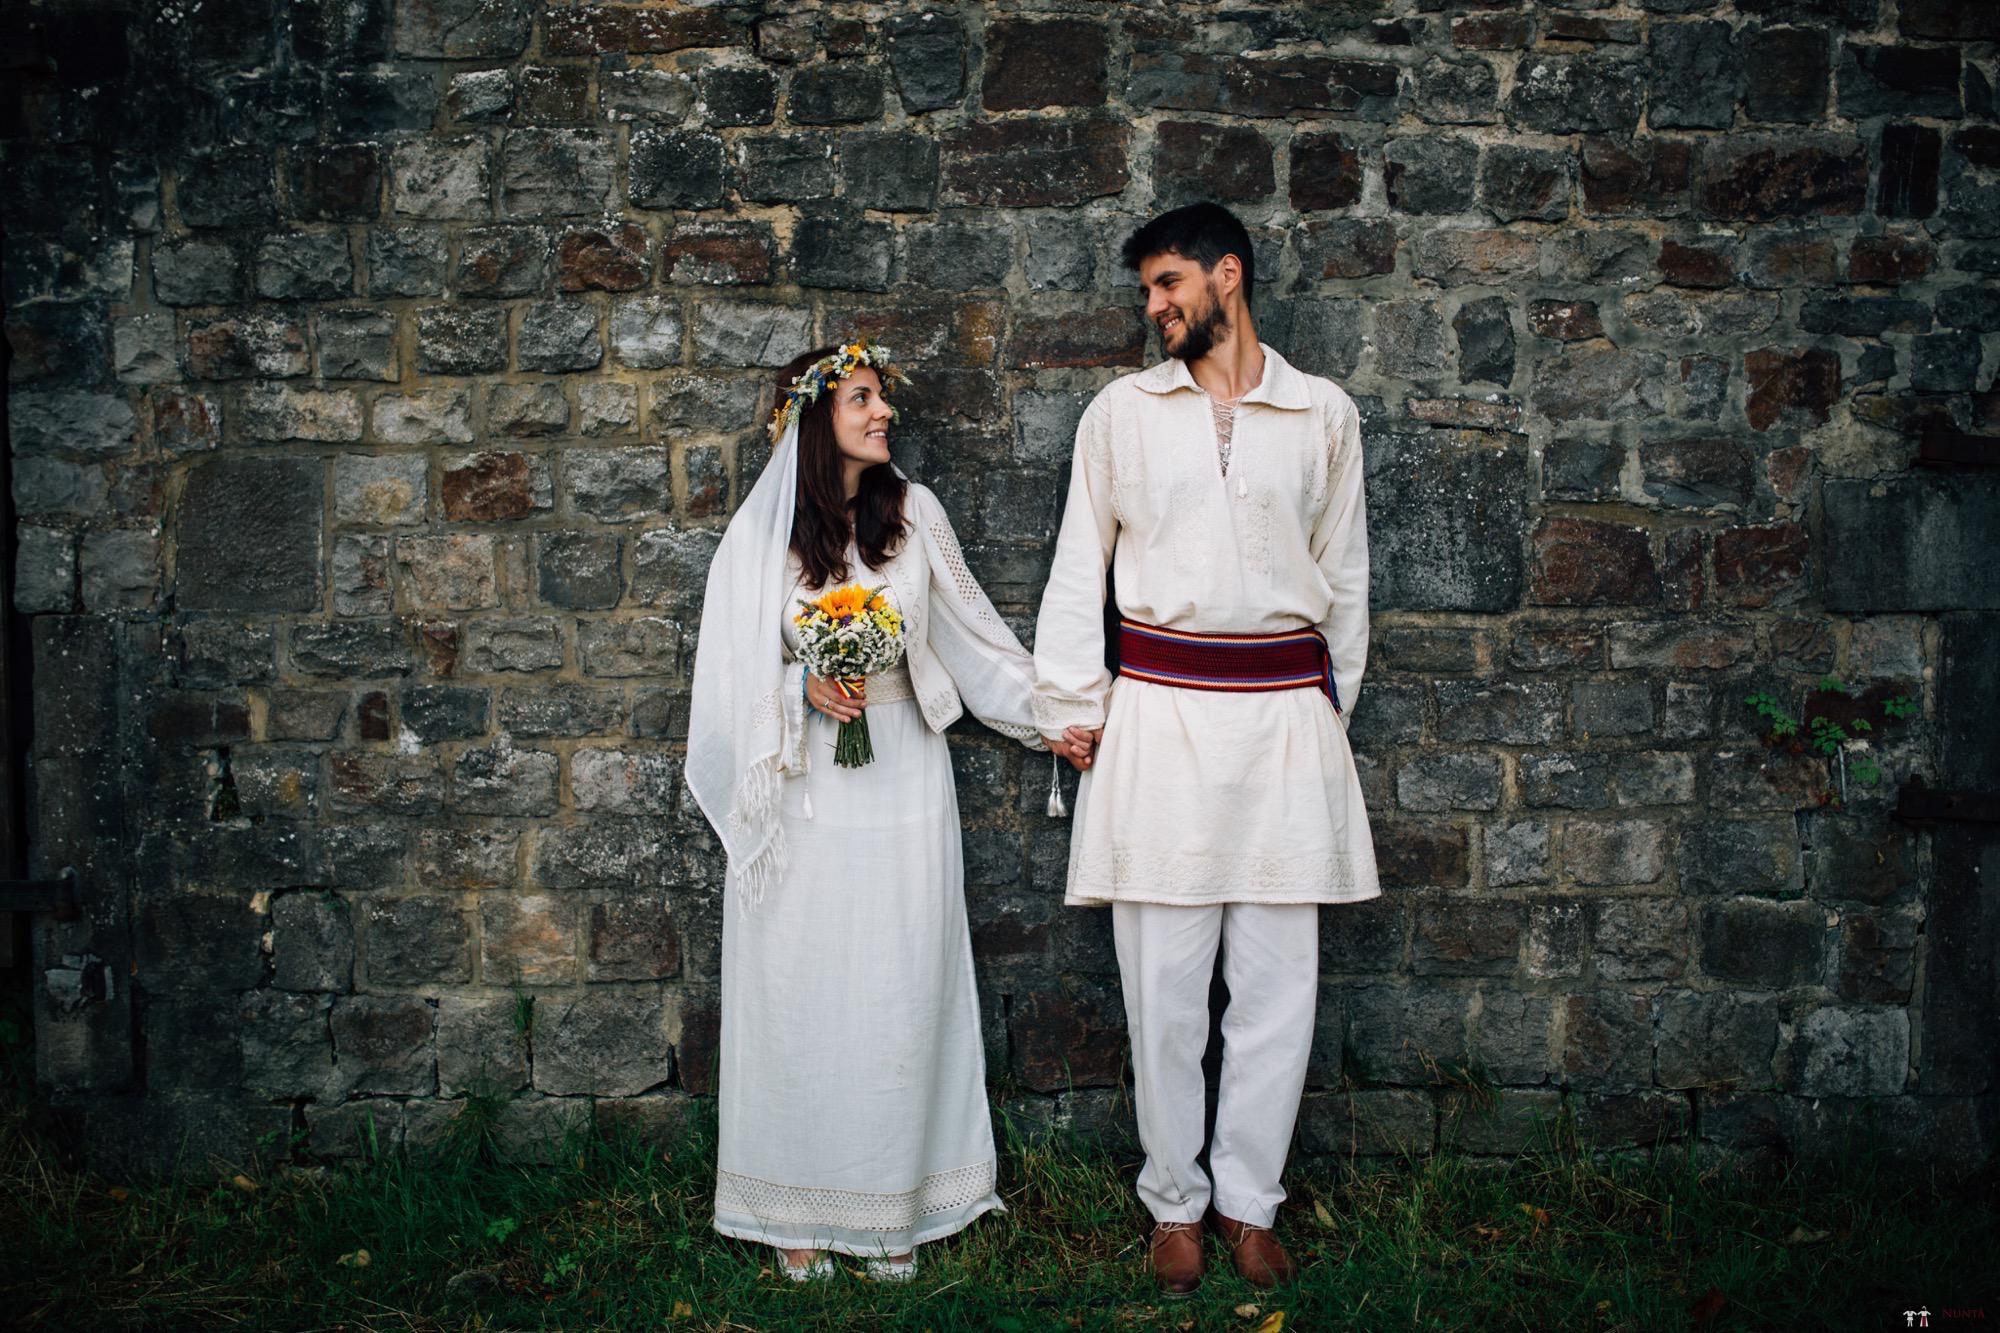 Povești Nunți Tradiționale - Gabriela și Iulian. Nuntă românească în Belgia. 11